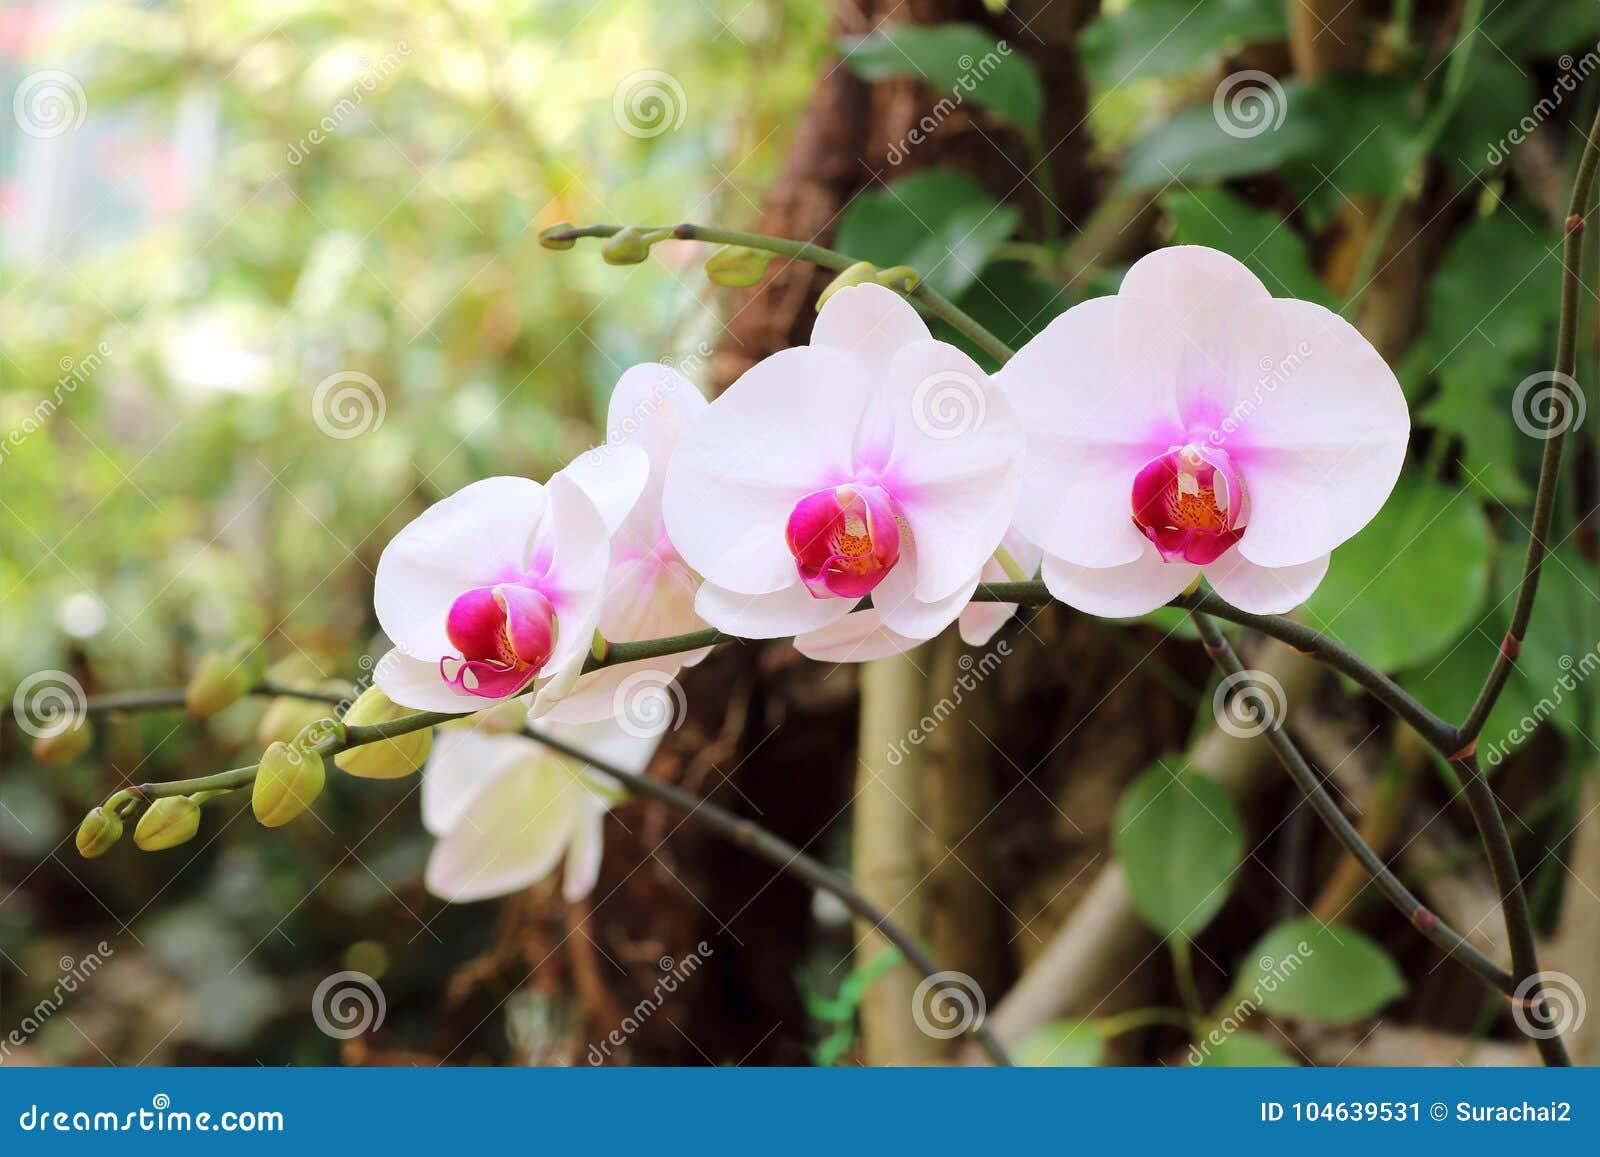 Download Orchidee Op De Tuinachtergrond Stock Afbeelding - Afbeelding bestaande uit voor, achtergrond: 104639531